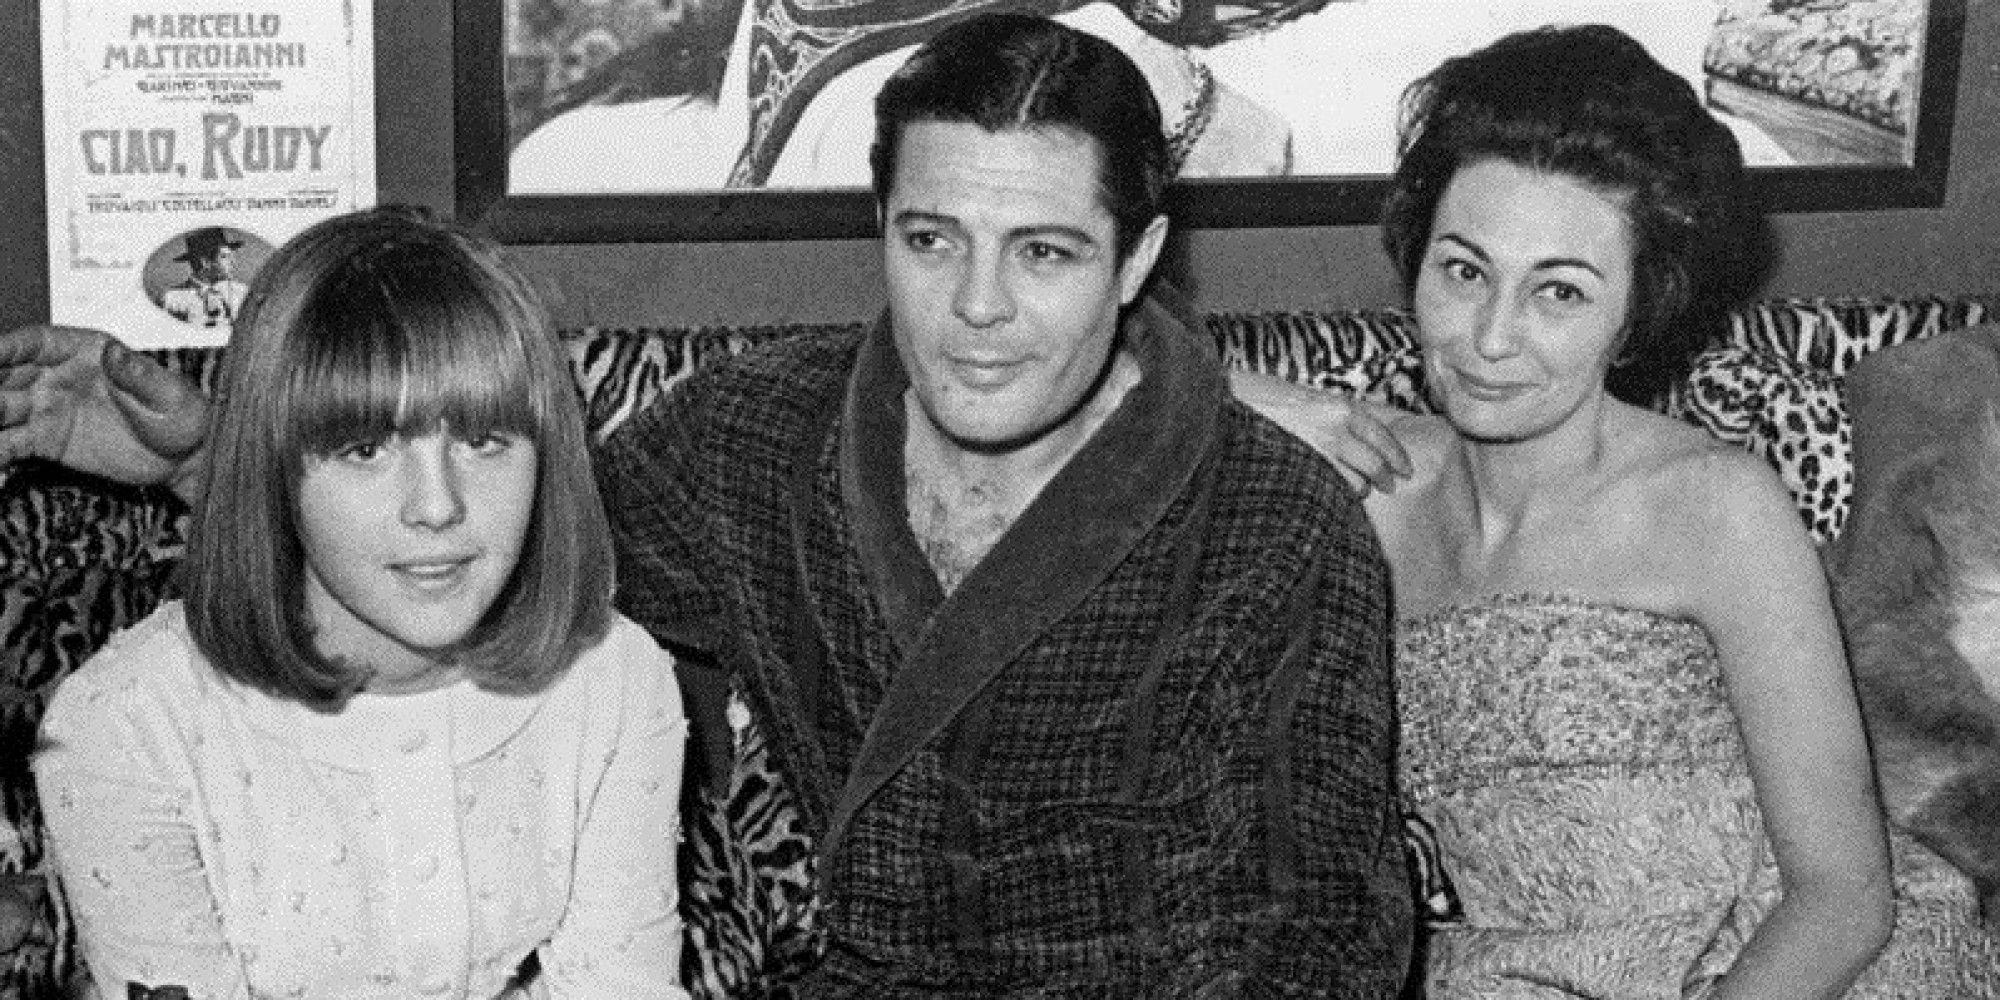 """1966 Roma, Teatro Sistina, Marcello Mastroianni interpreta il musical Ciao Rudy, nella foto con la figlia Barbara Mastroianni, allora sedicenne e la moglie Flora Mastroianni. Proprio Barbara disse del padre: """"""""Mio papà Marcello, uomo ironico e leggero ma mai superficiale""""."""